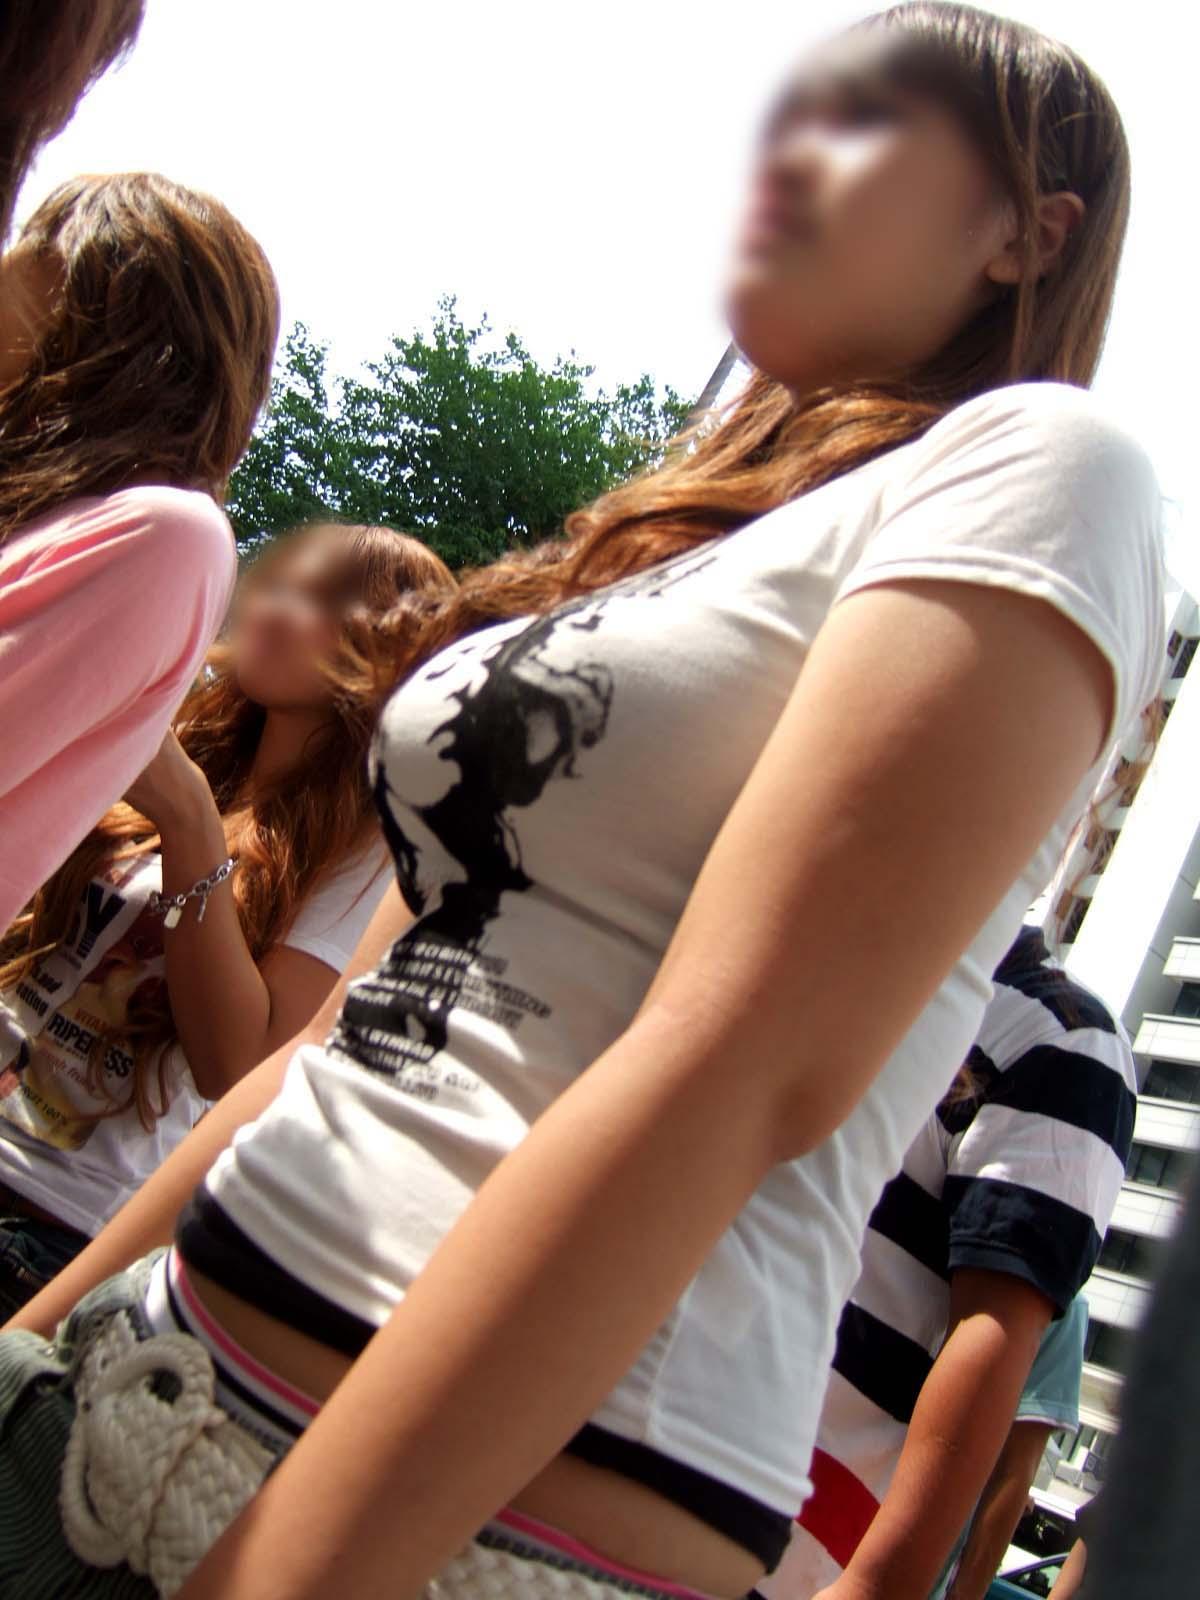 【街撮り巨乳画像】すれ違い様に横向いたらおおっ!声出そうになる着衣巨乳を観察www 10